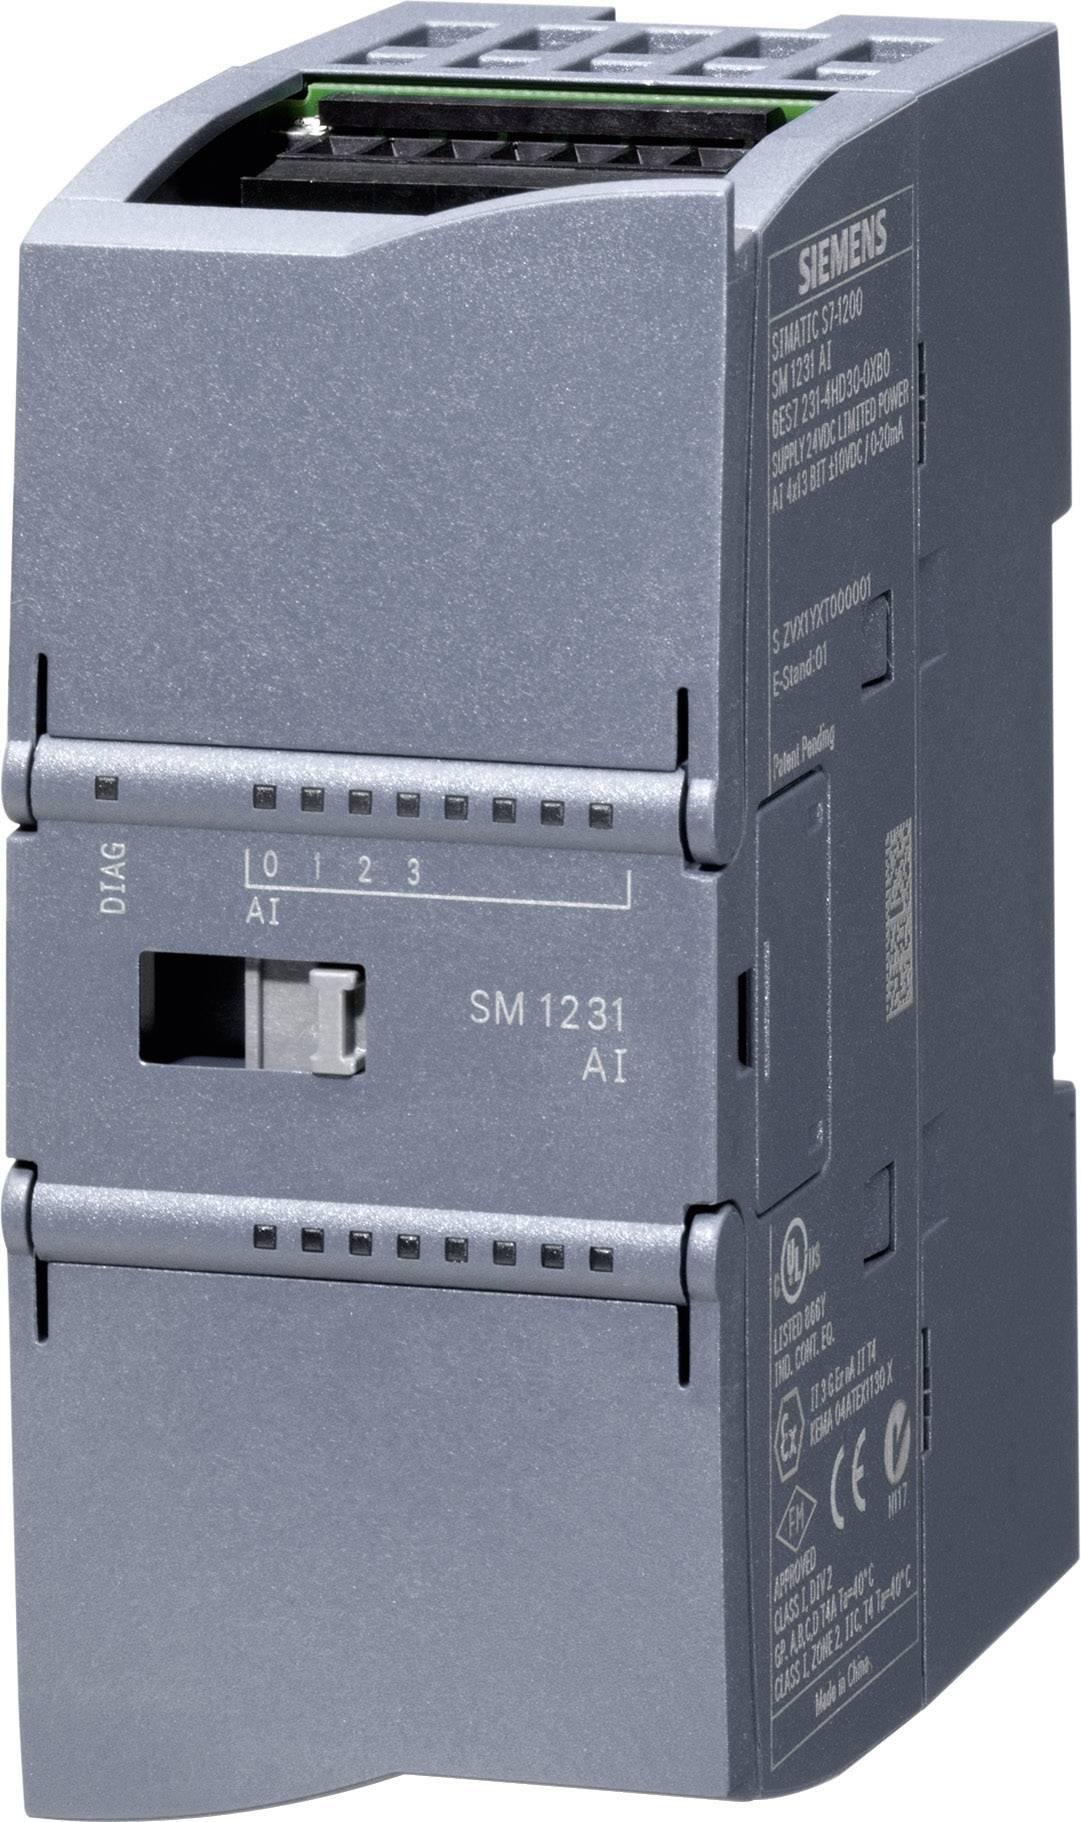 PLC rozširujúci modul Siemens SM 1231 6ES7231-5QF32-0XB0